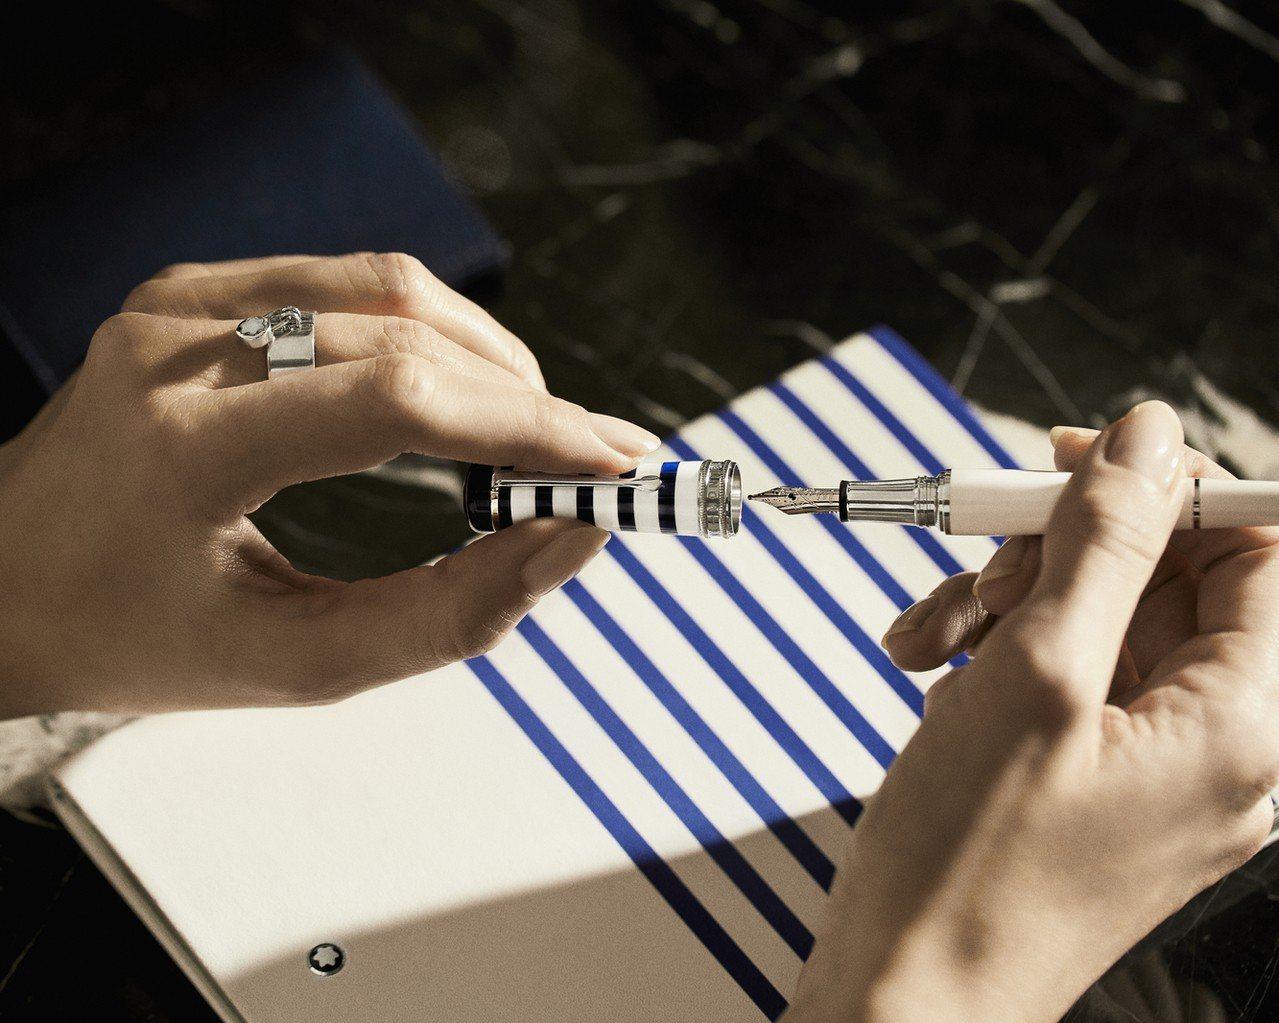 萬寶龍幸運系列蔚藍週末書寫工具,穿上最經典的藍白條紋衫,象徵無拘無束的週末時光。...